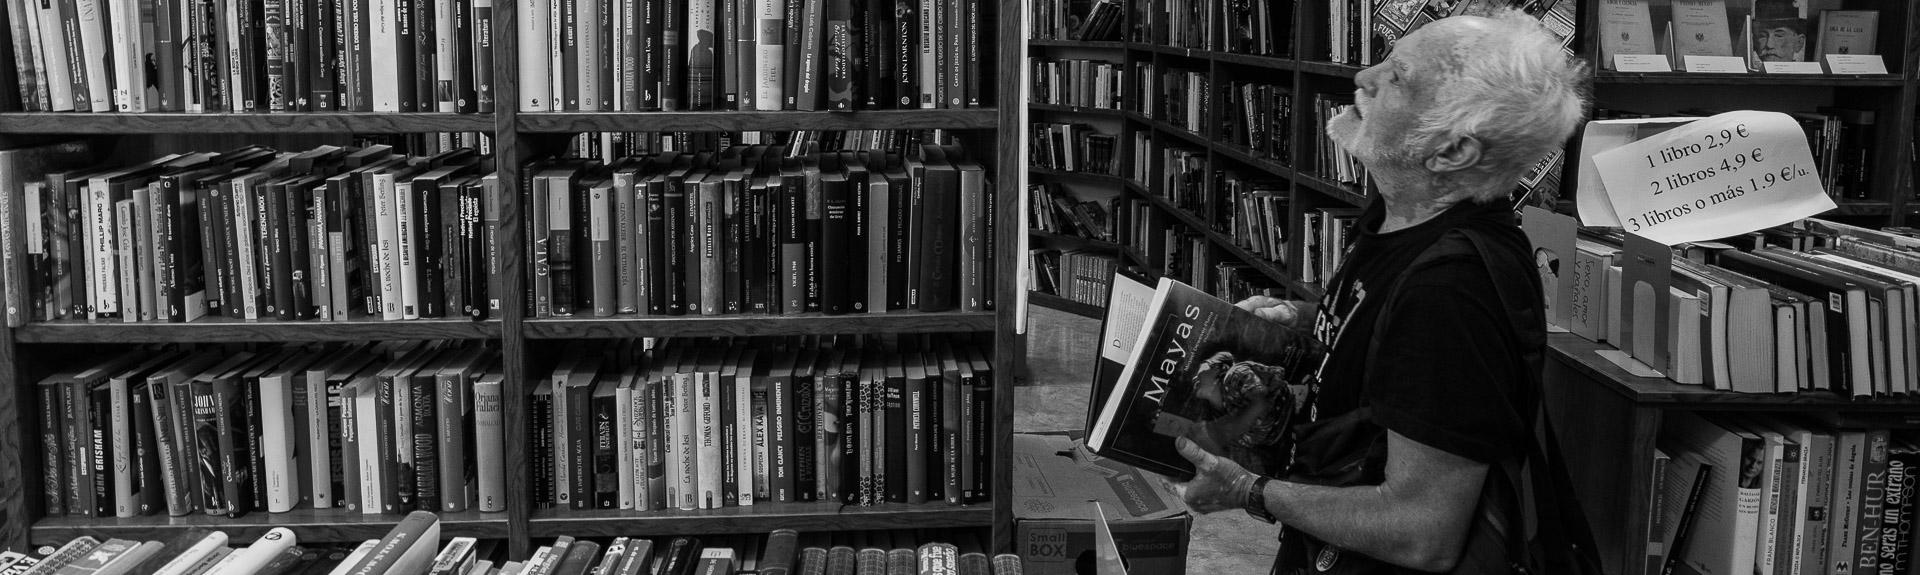 librerias-madrid-alcana-fina.jpg